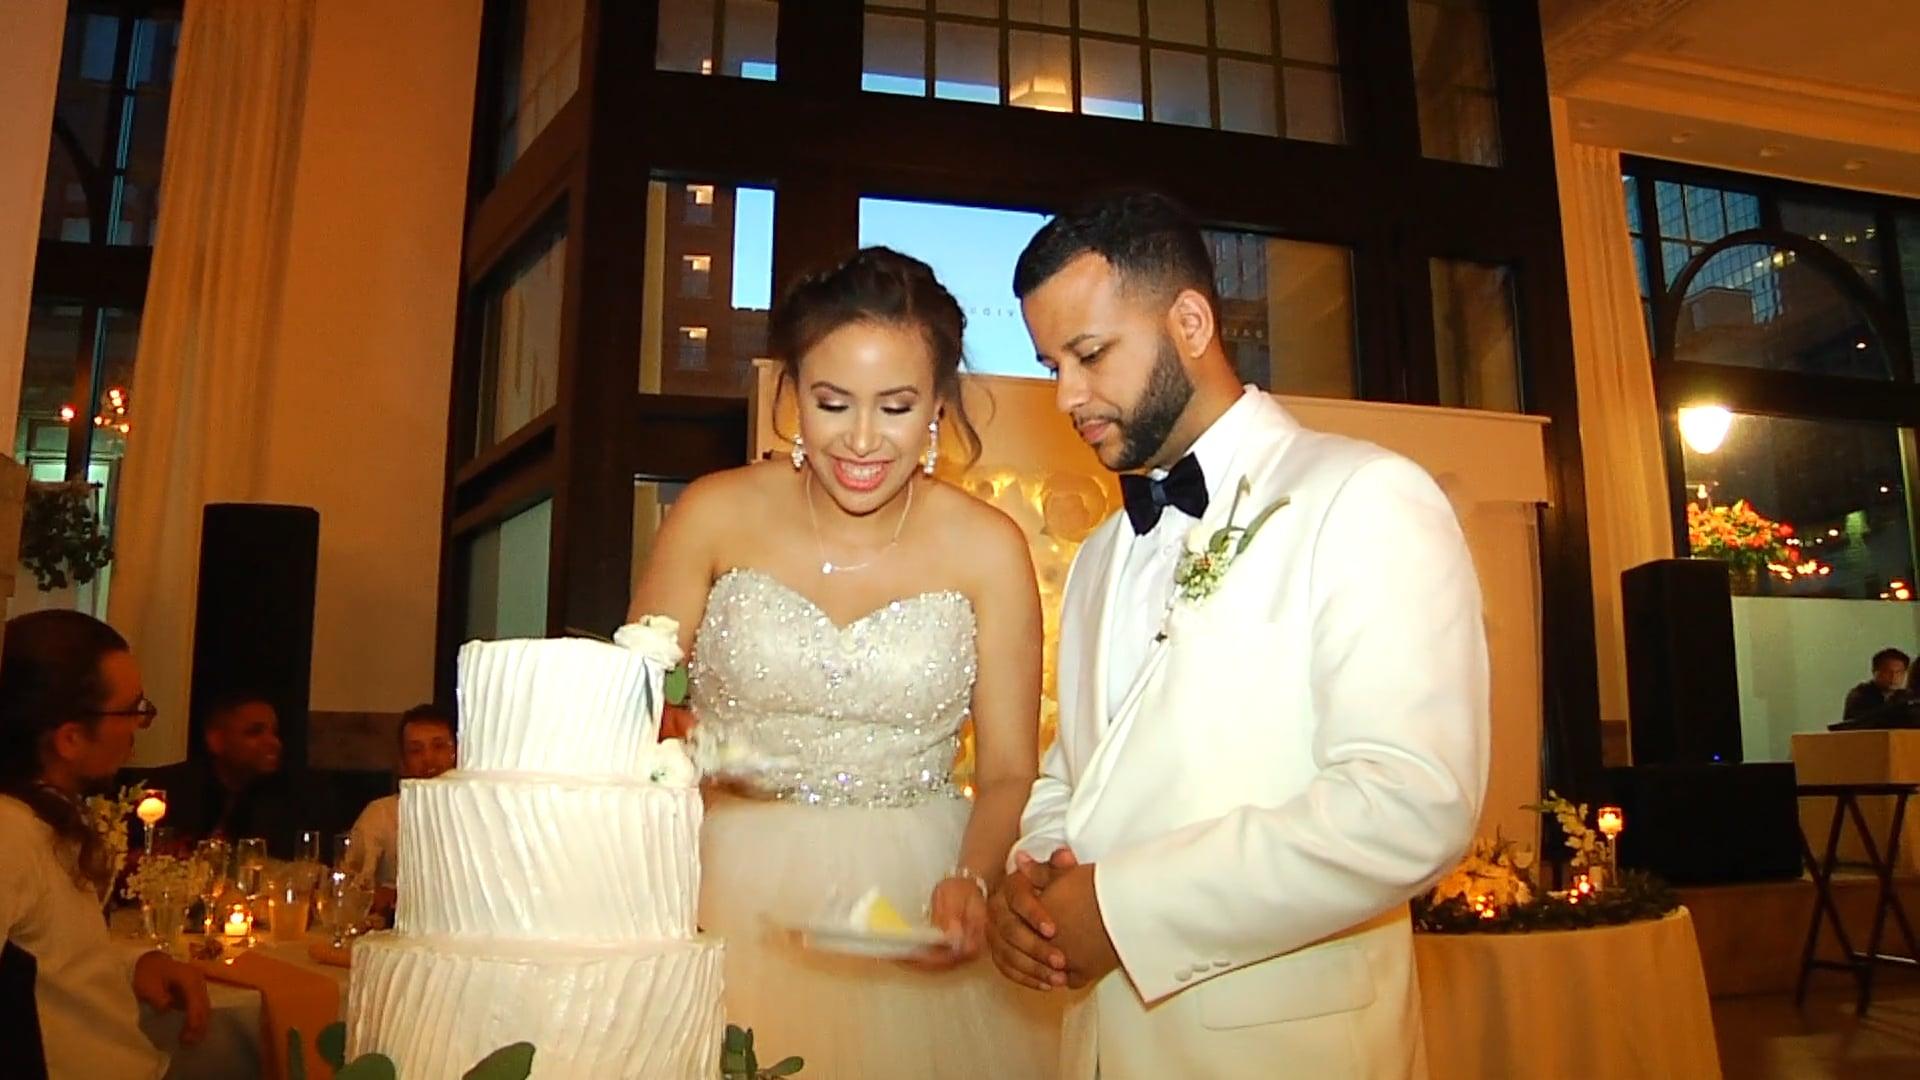 Keren & Andres Wedding Video